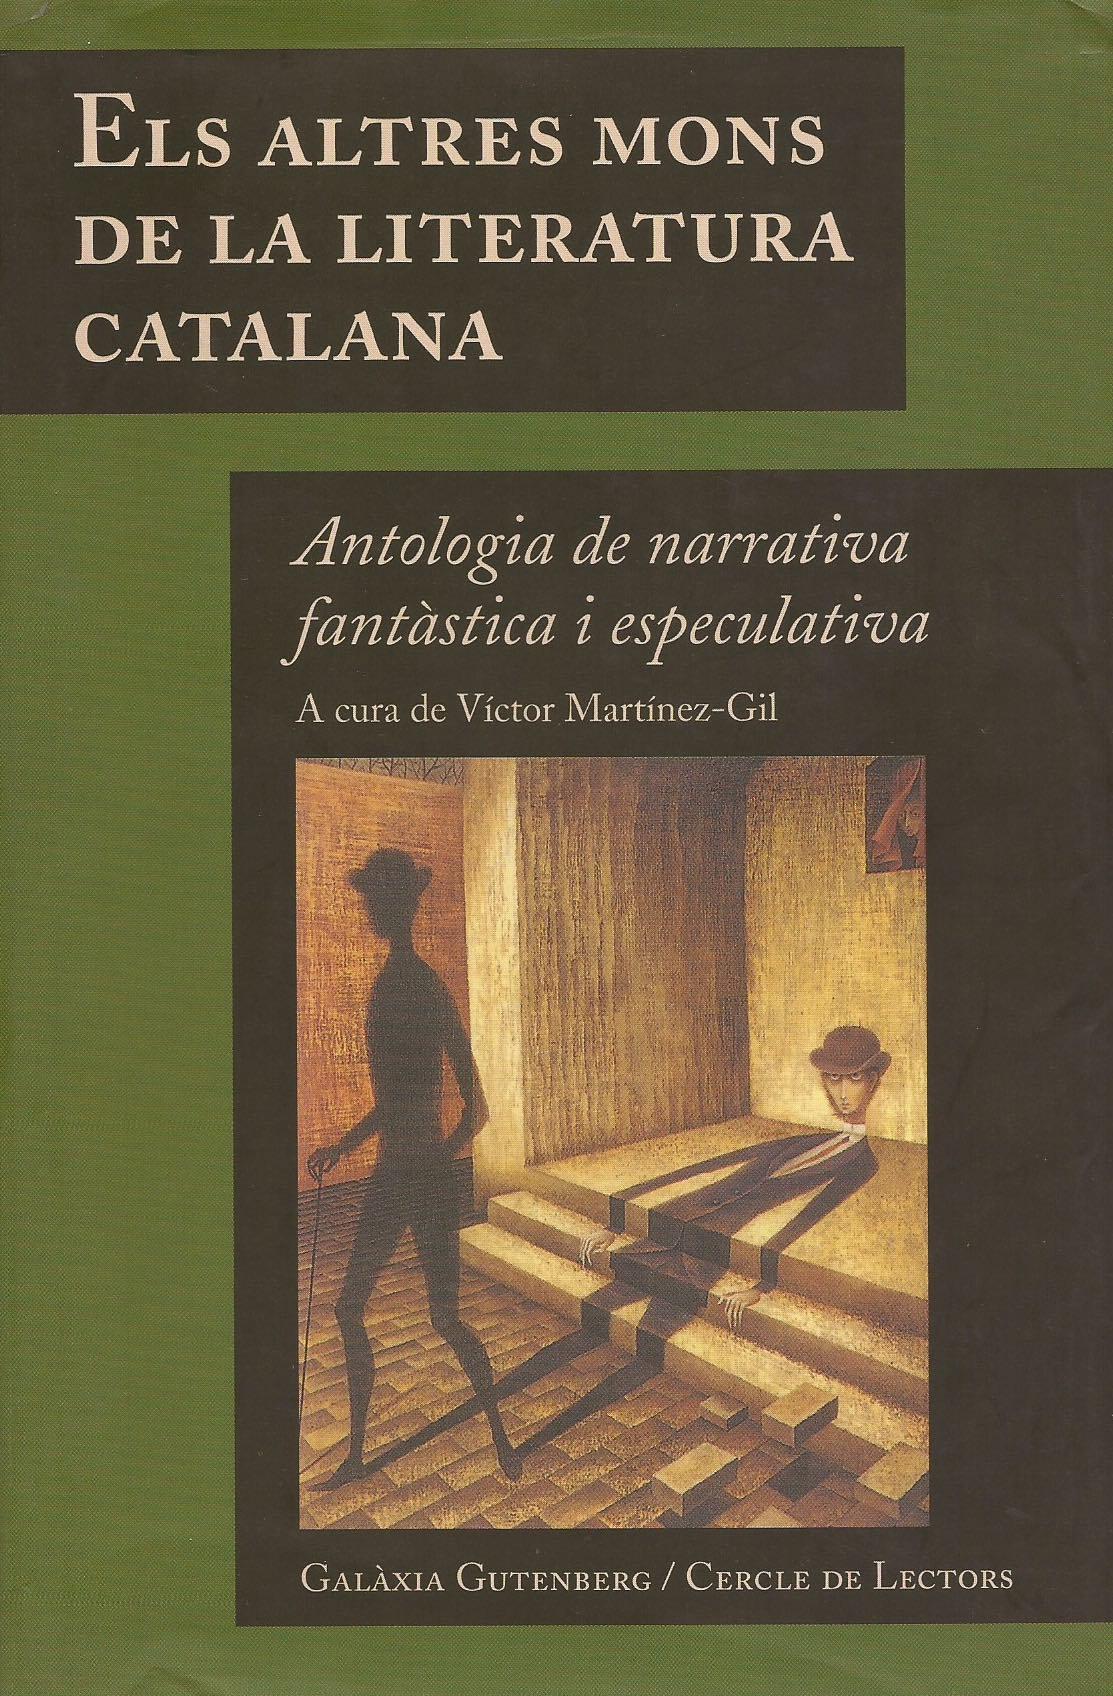 els altres mons de la literatura catalana